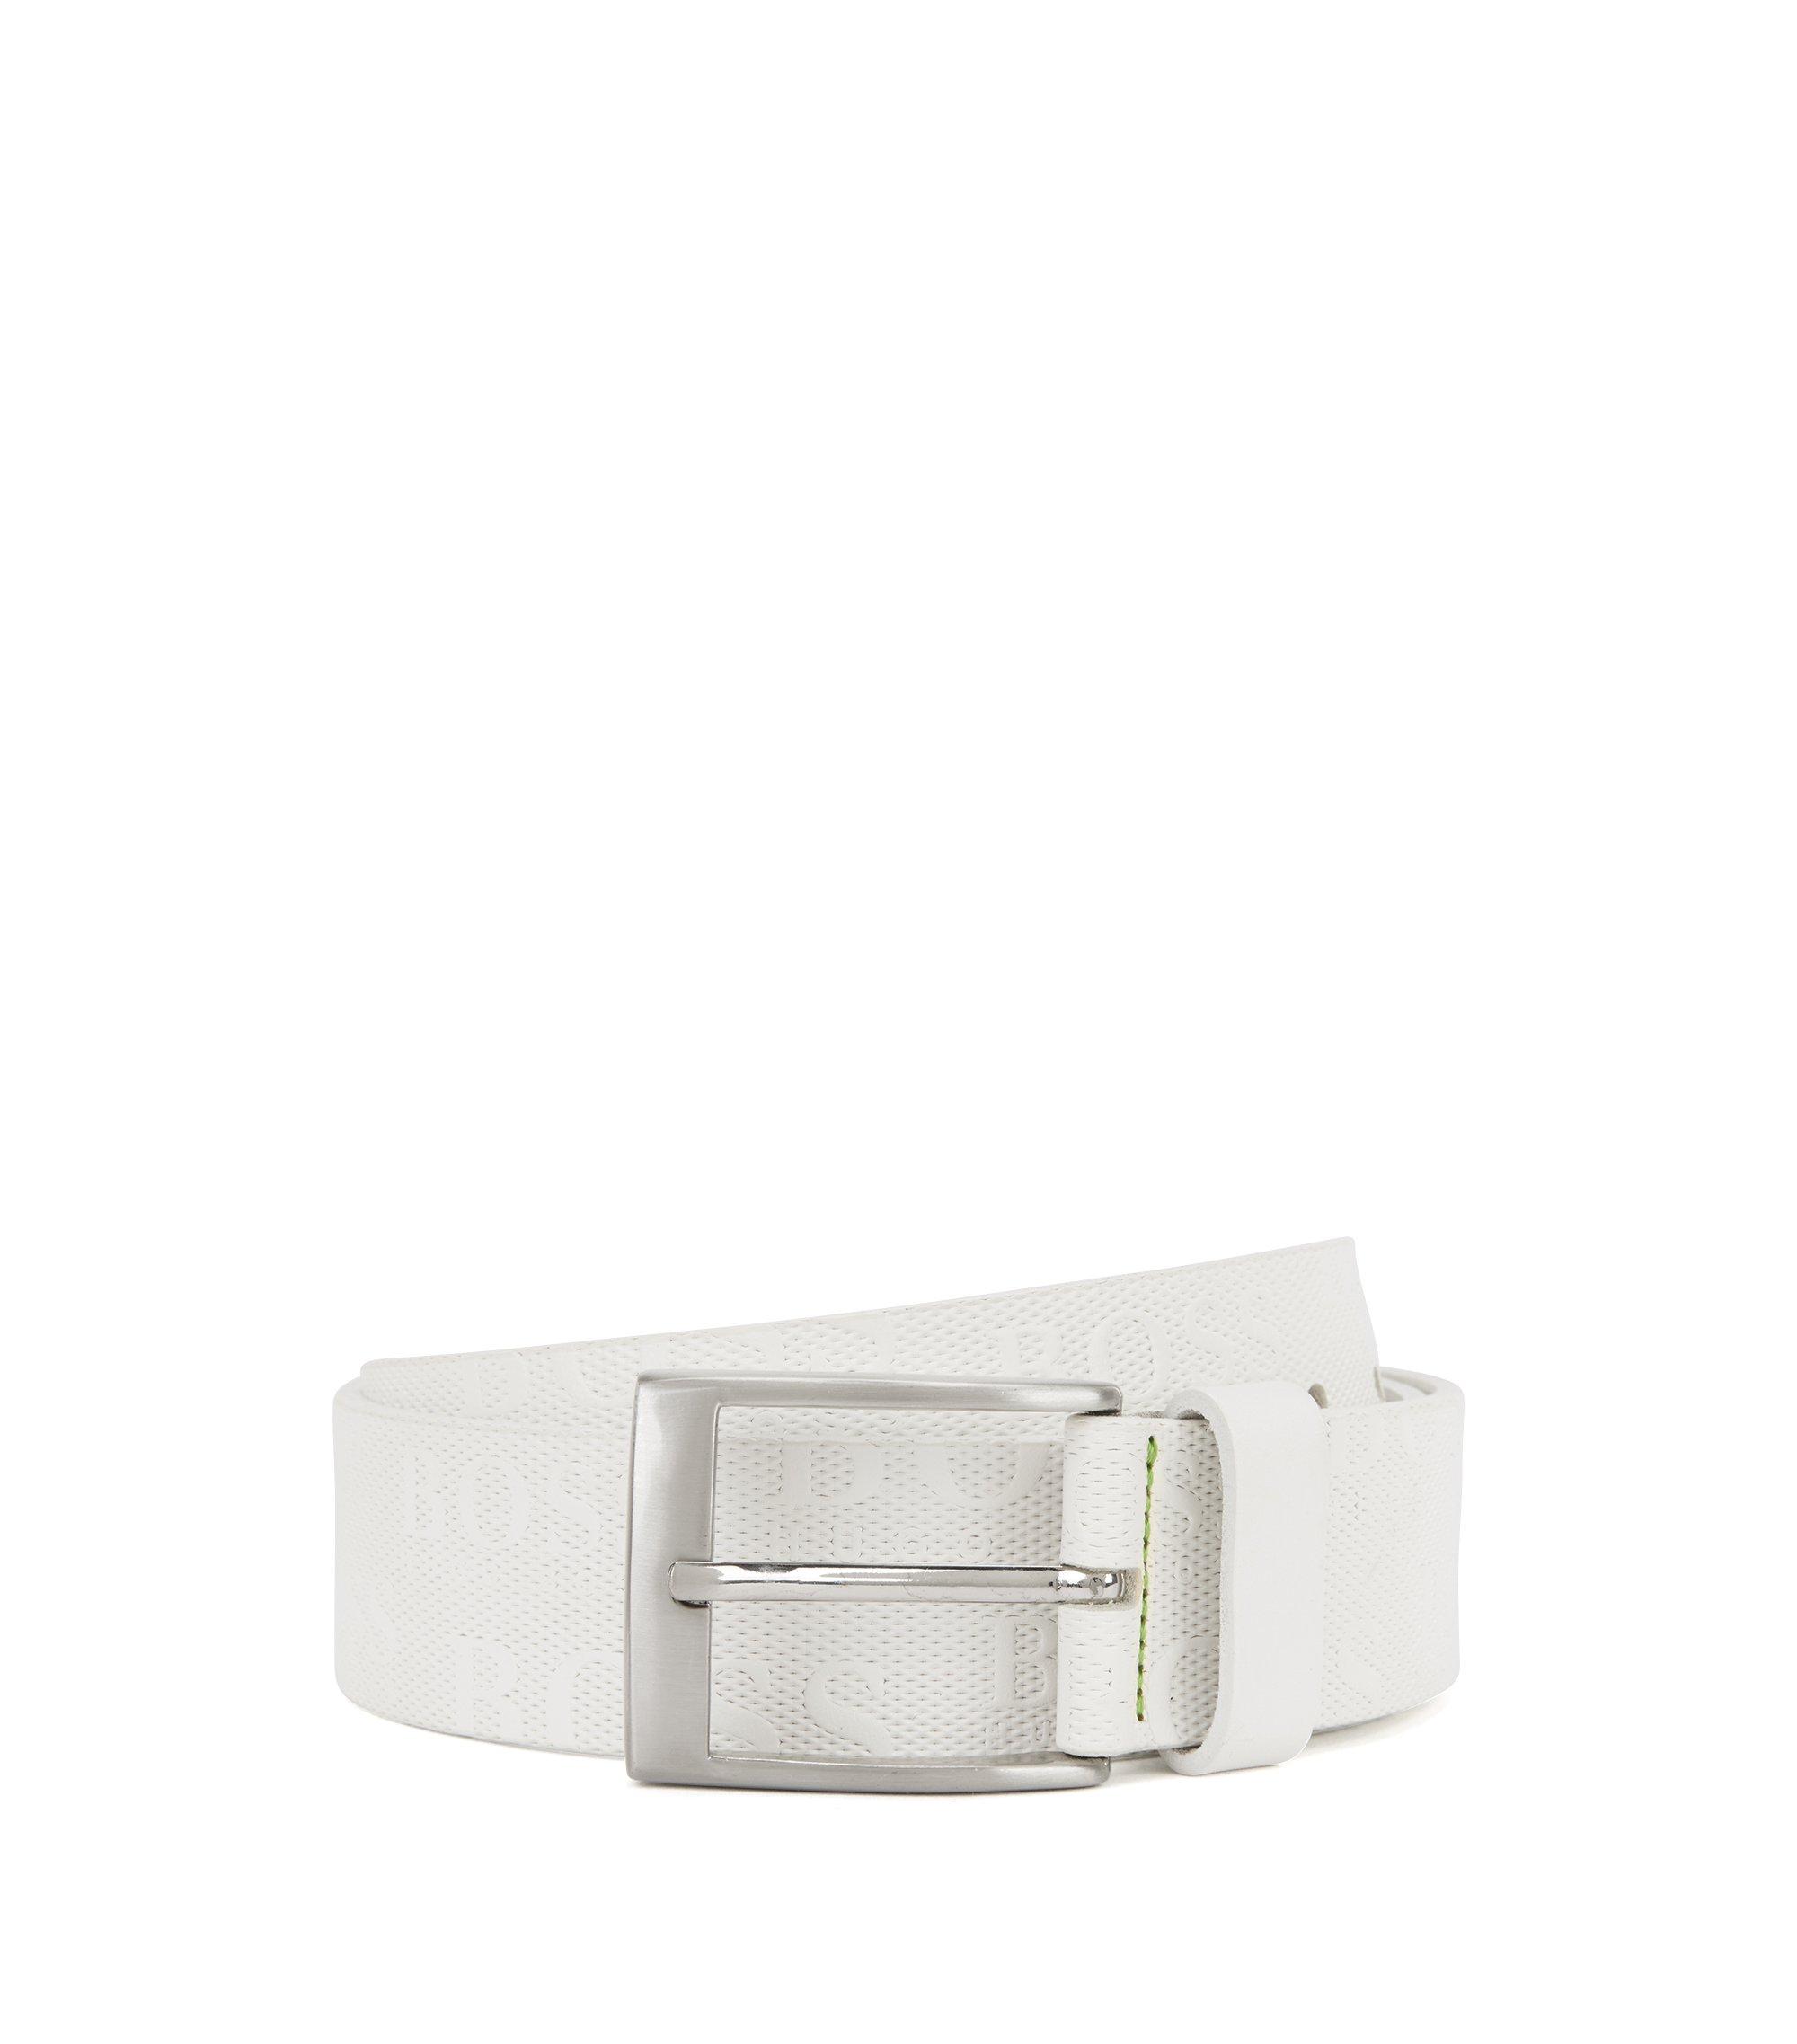 Ledergürtel mit Logo-Prägung, Weiß